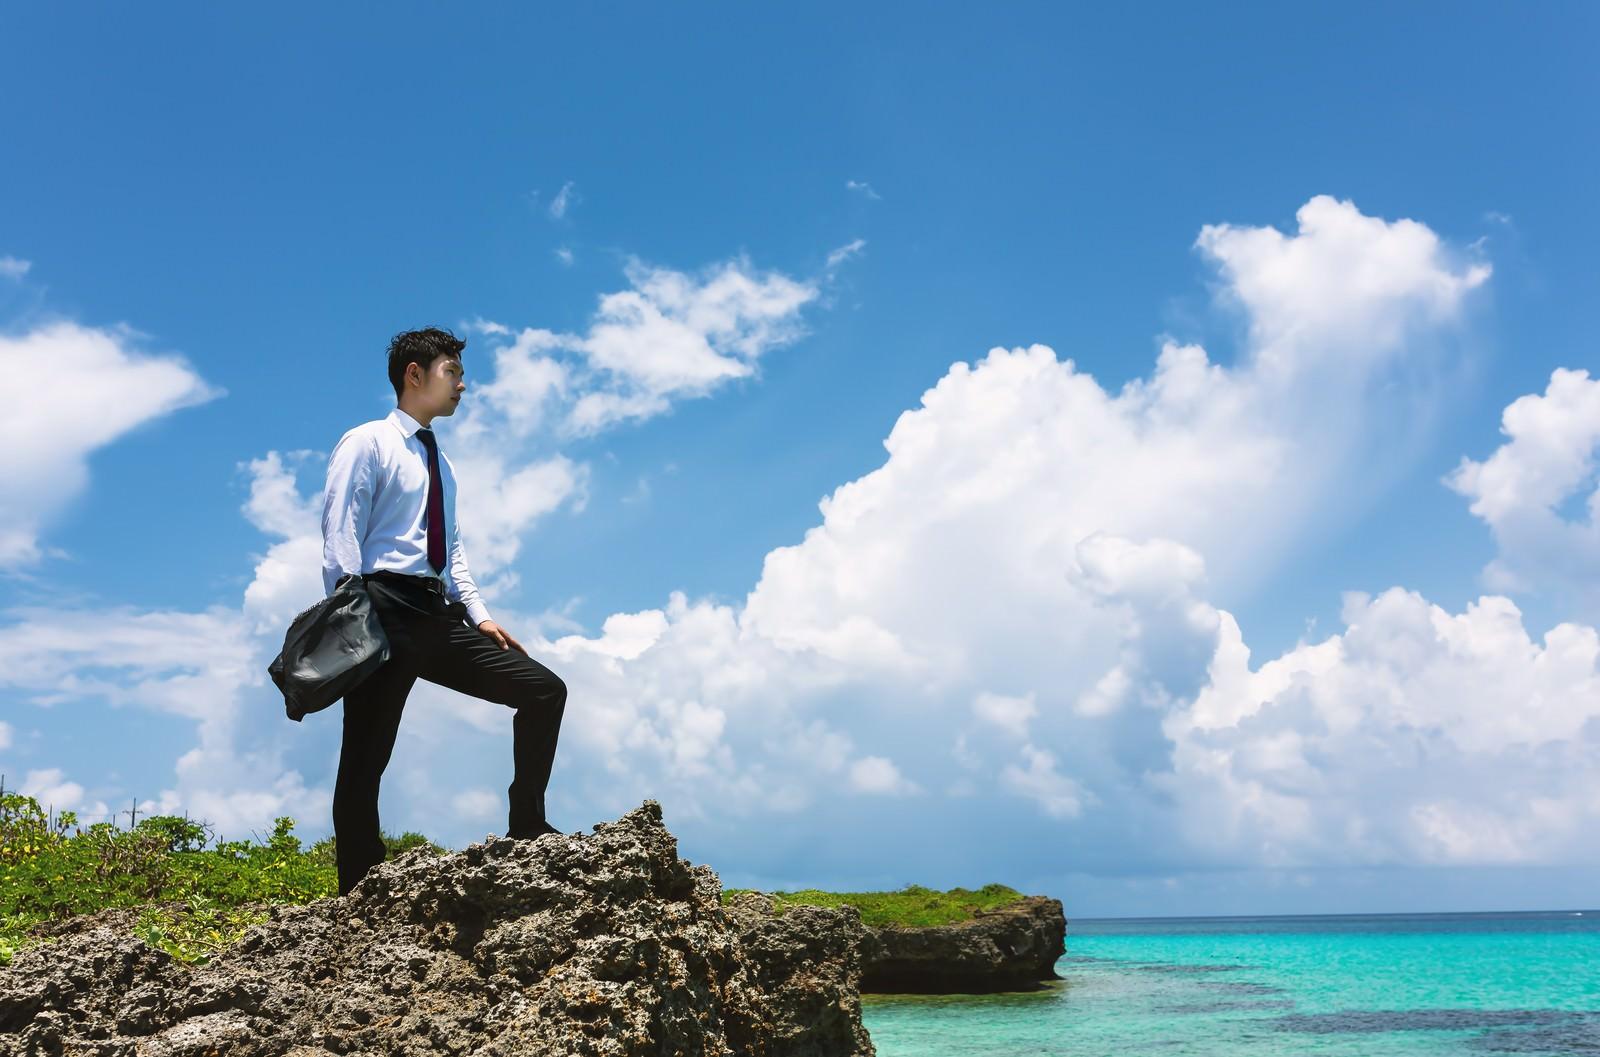 「大規模案件を終わらせに南の島にやってきたプロジェクトリーダー大規模案件を終わらせに南の島にやってきたプロジェクトリーダー」のフリー写真素材を拡大